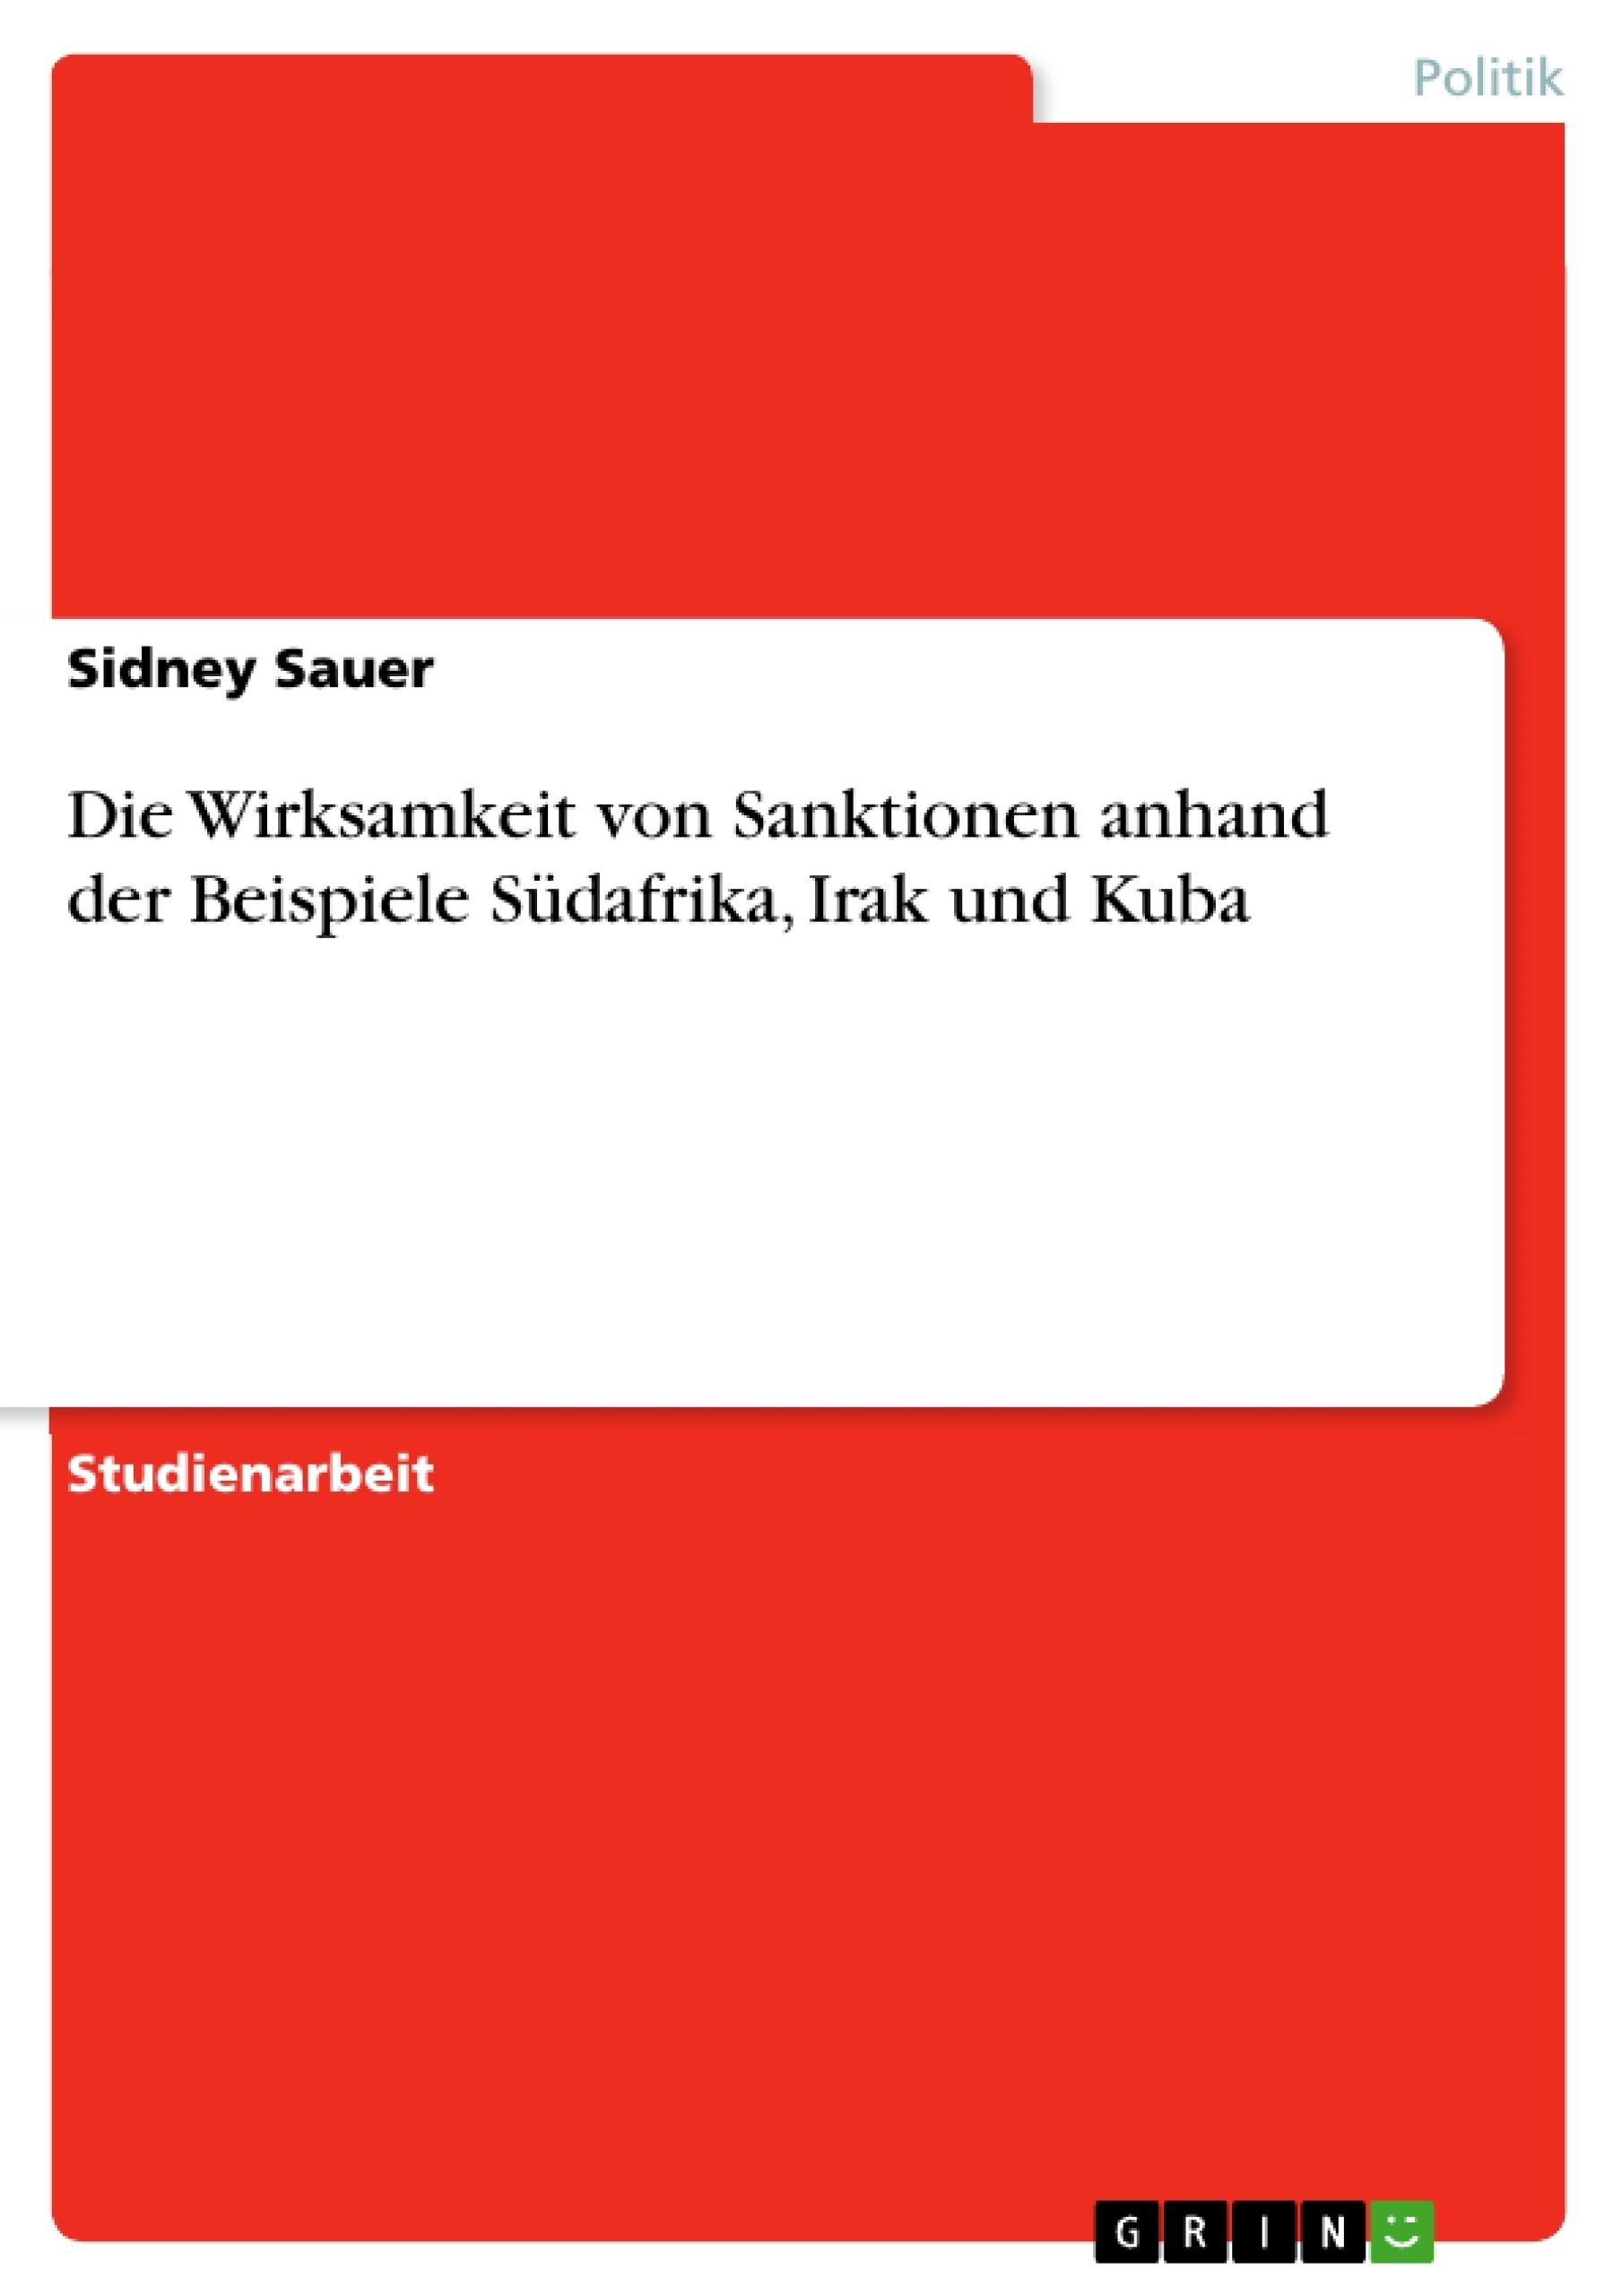 Titel: Die Wirksamkeit von Sanktionen anhand der Beispiele Südafrika, Irak und Kuba